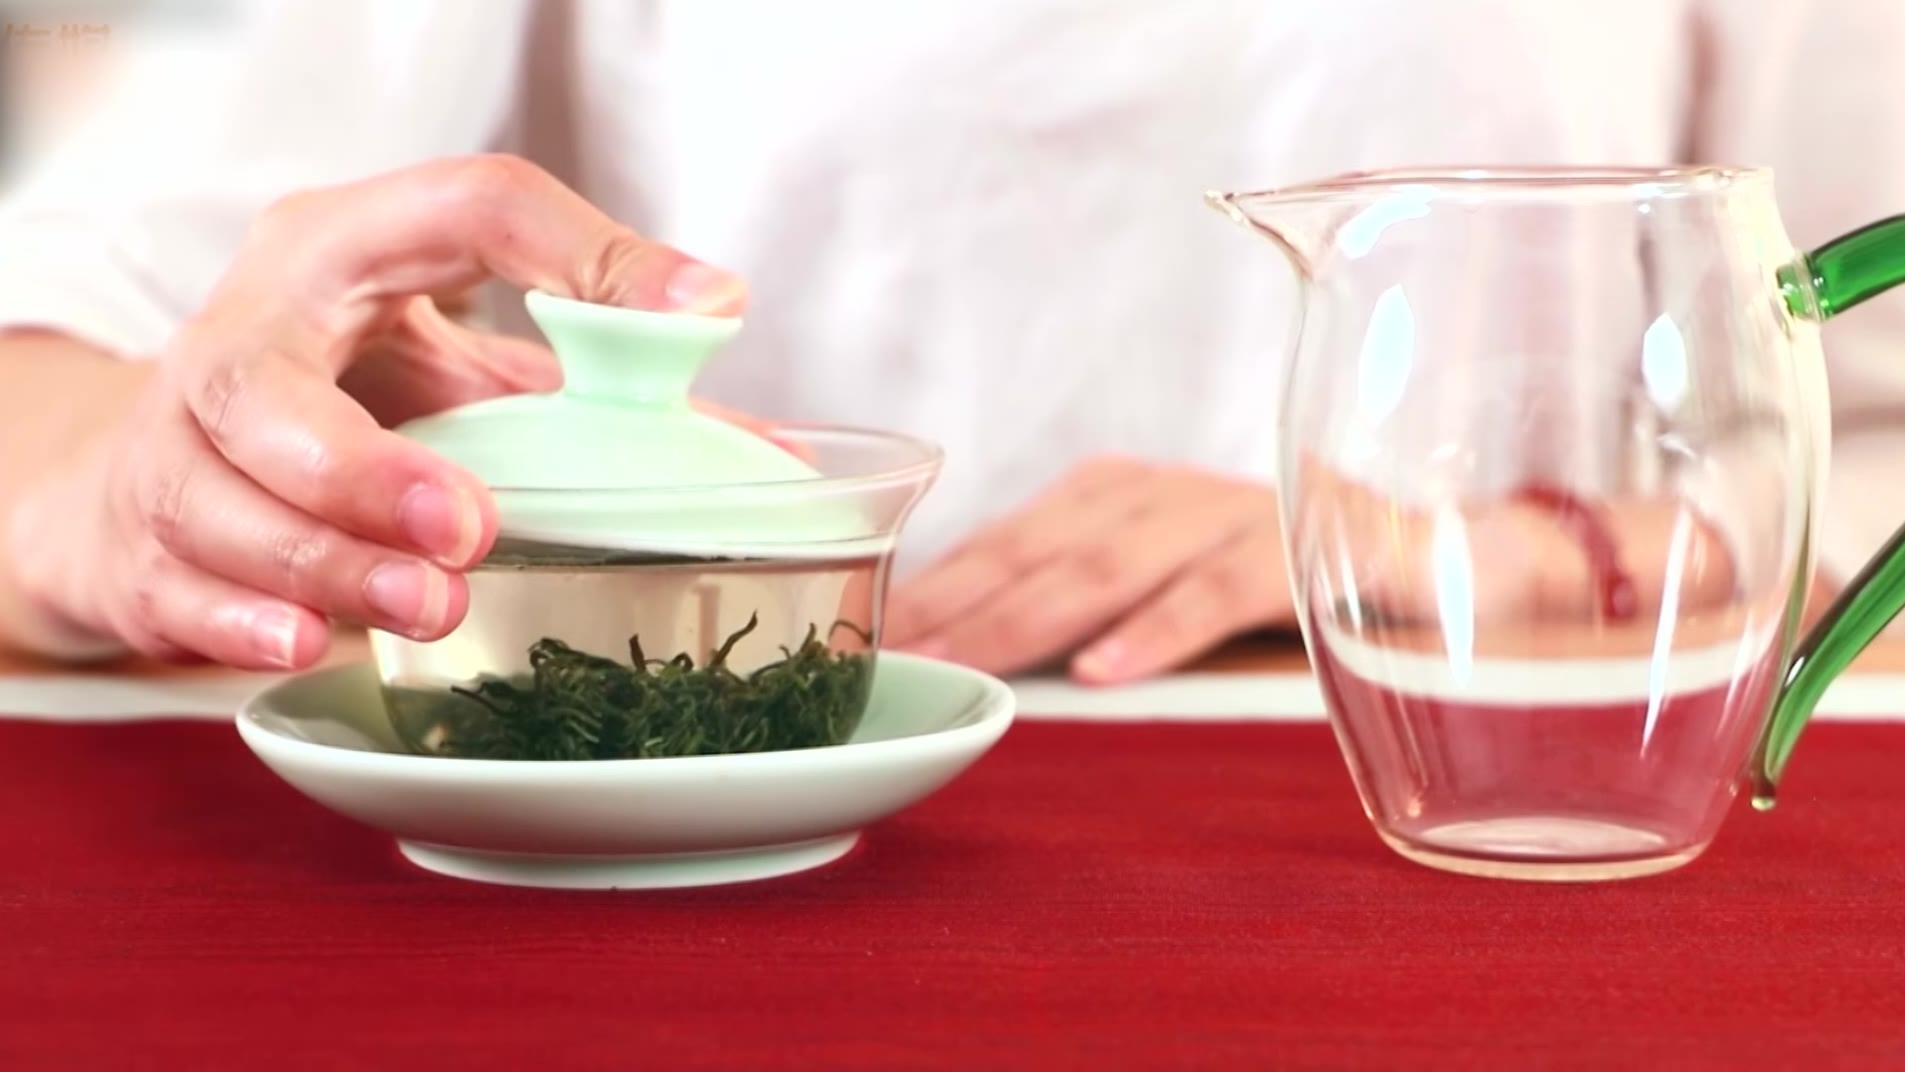 绿茶怎么分辨是陈茶还是新茶?